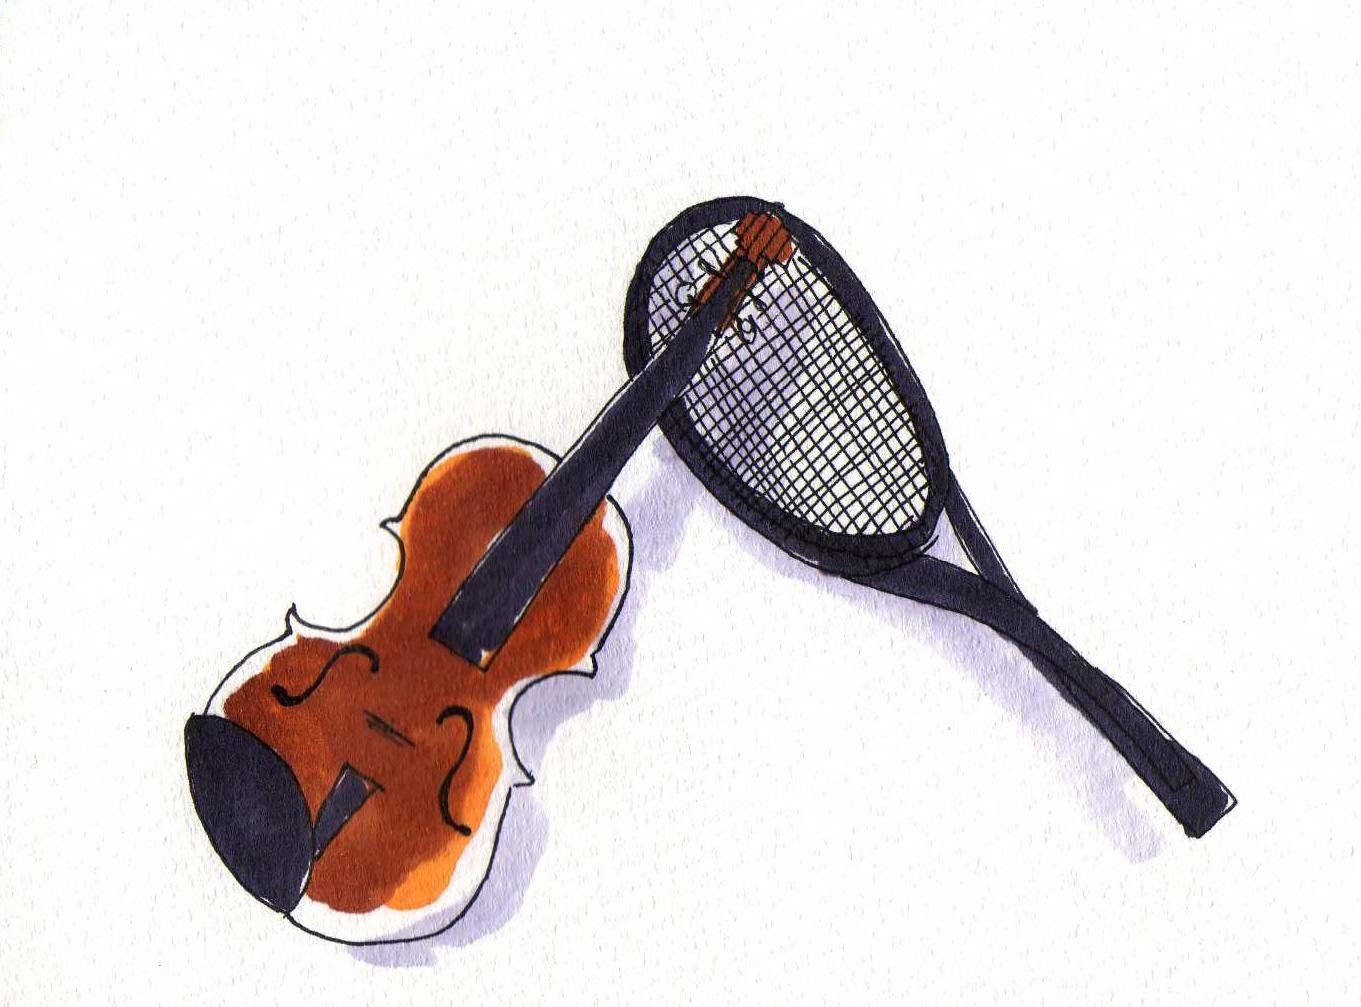 バイオリンとラケットのイラスト